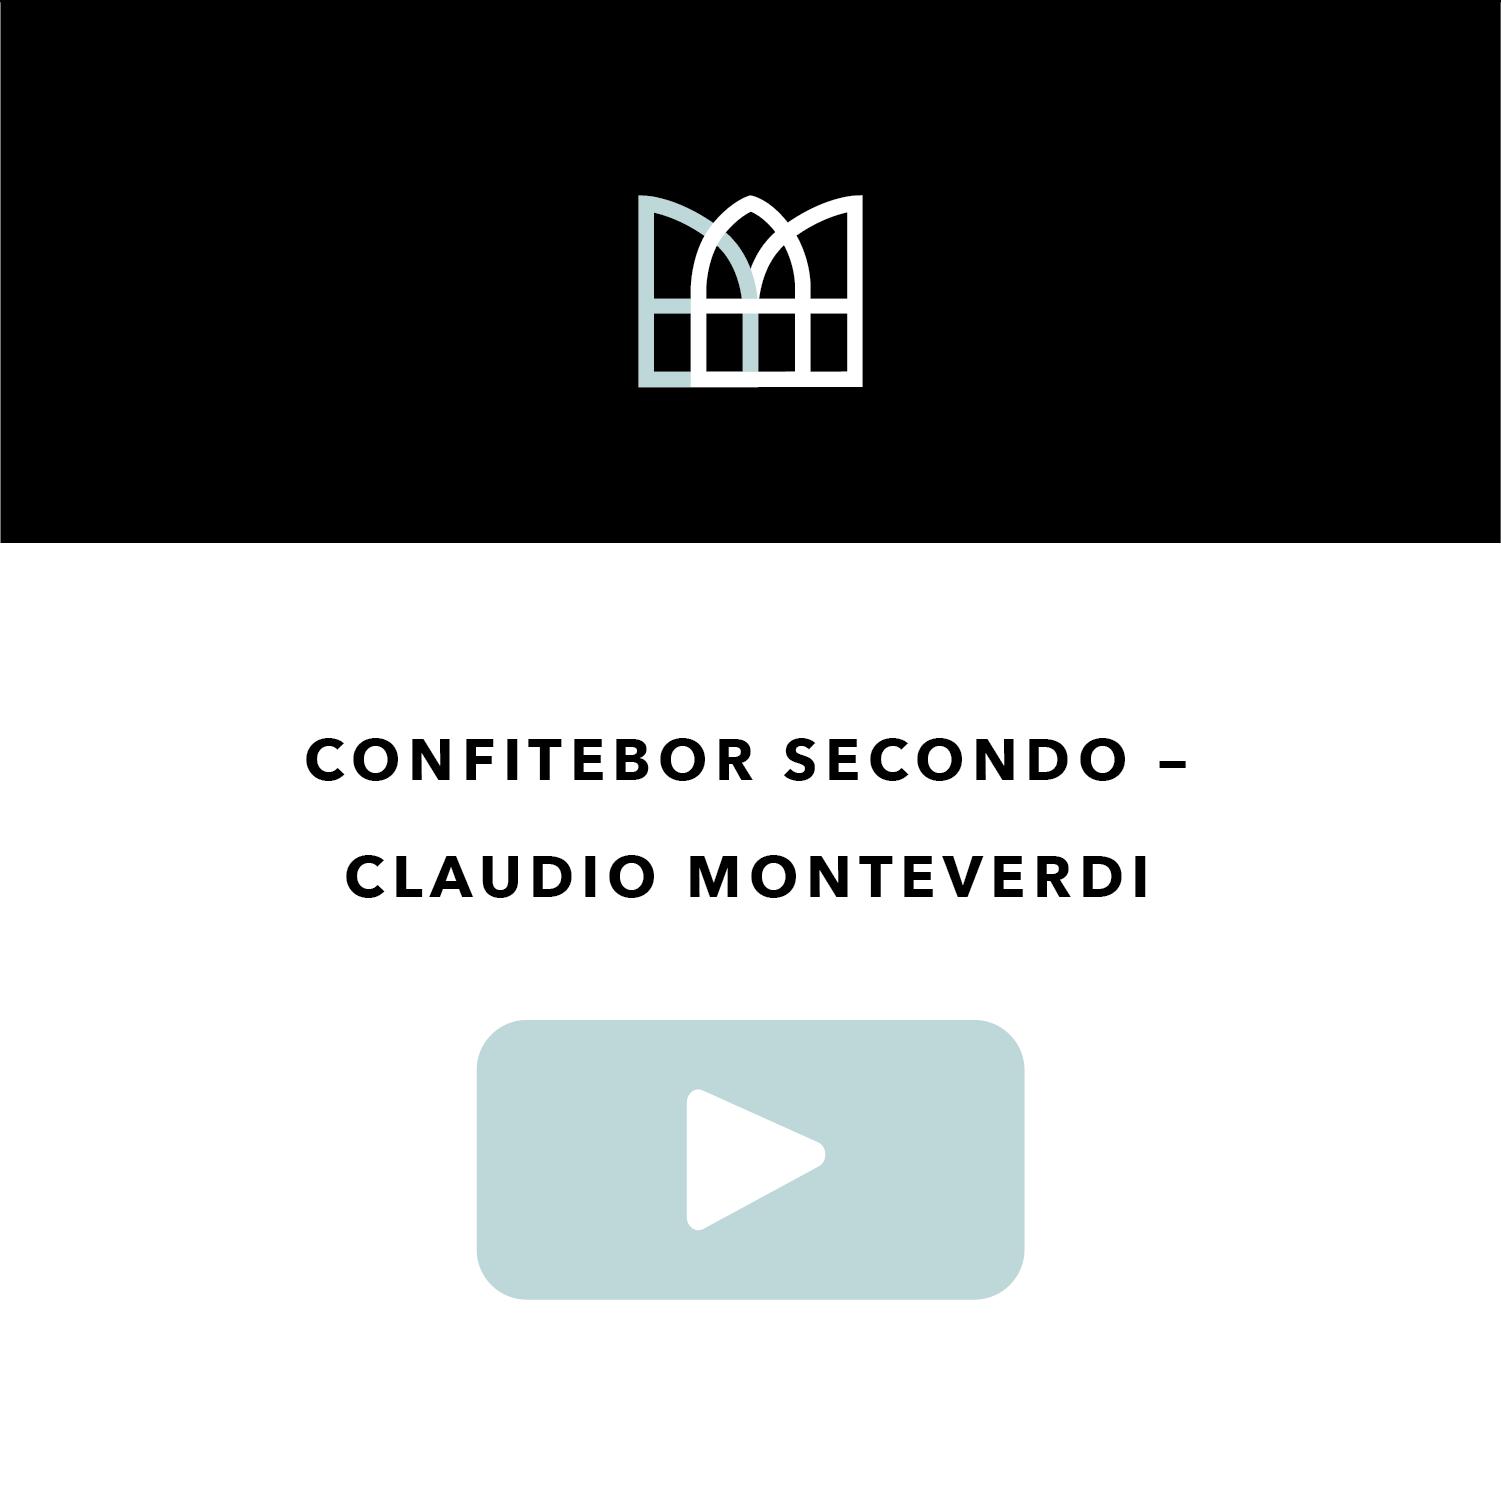 Confitebor Secondo - Claudio Monteverdi